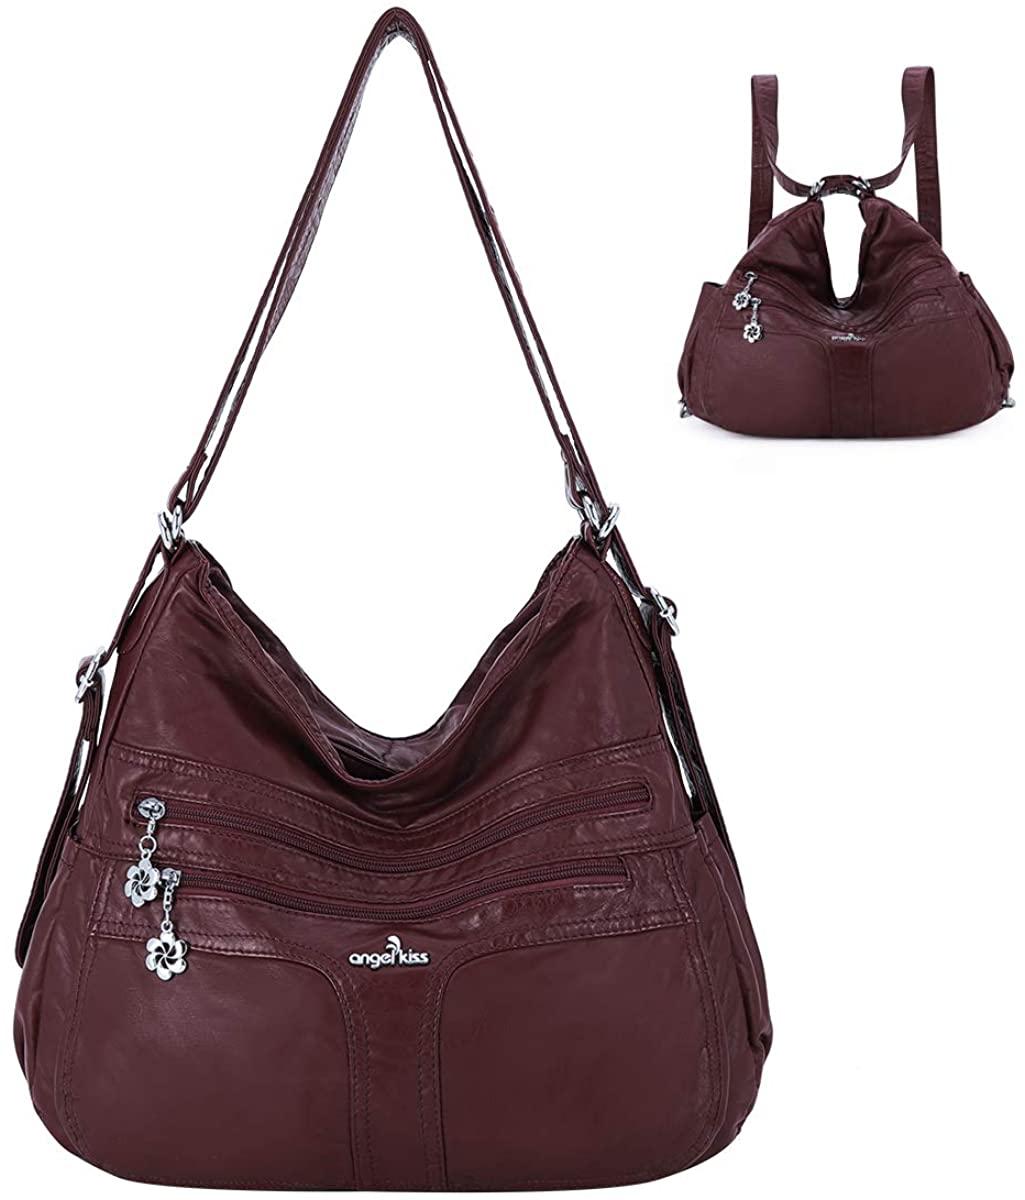 angel kiss Satchel Handbag for Women, Ultra Soft Washed Vegan Leather Crossbody Bag, Shoulder Bag, Tote Purse